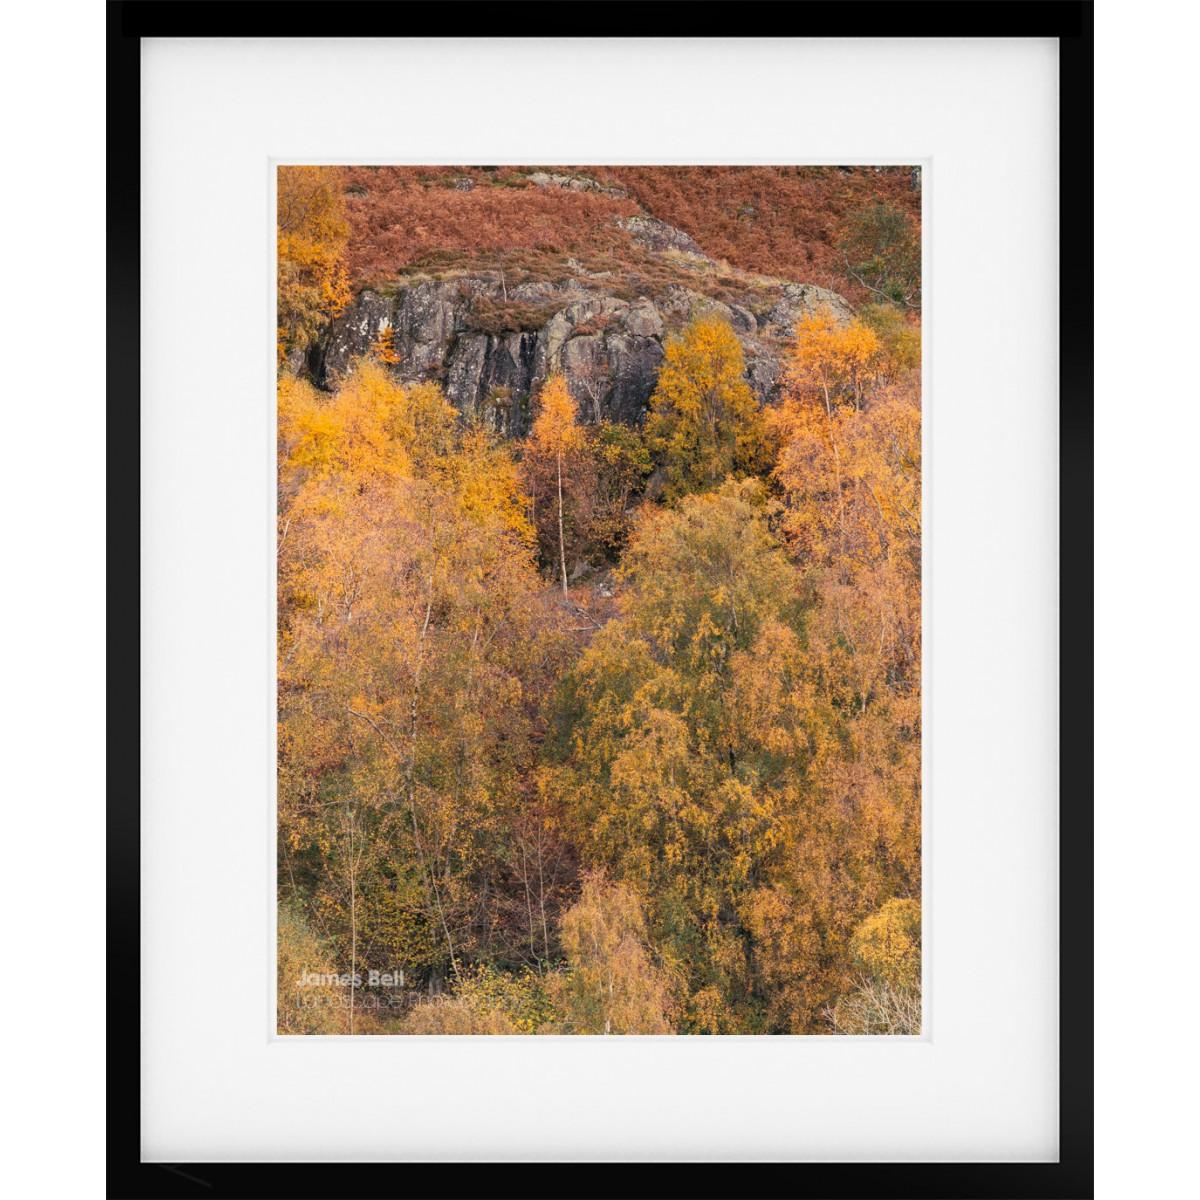 Gowbarrow Park Autumn framed print